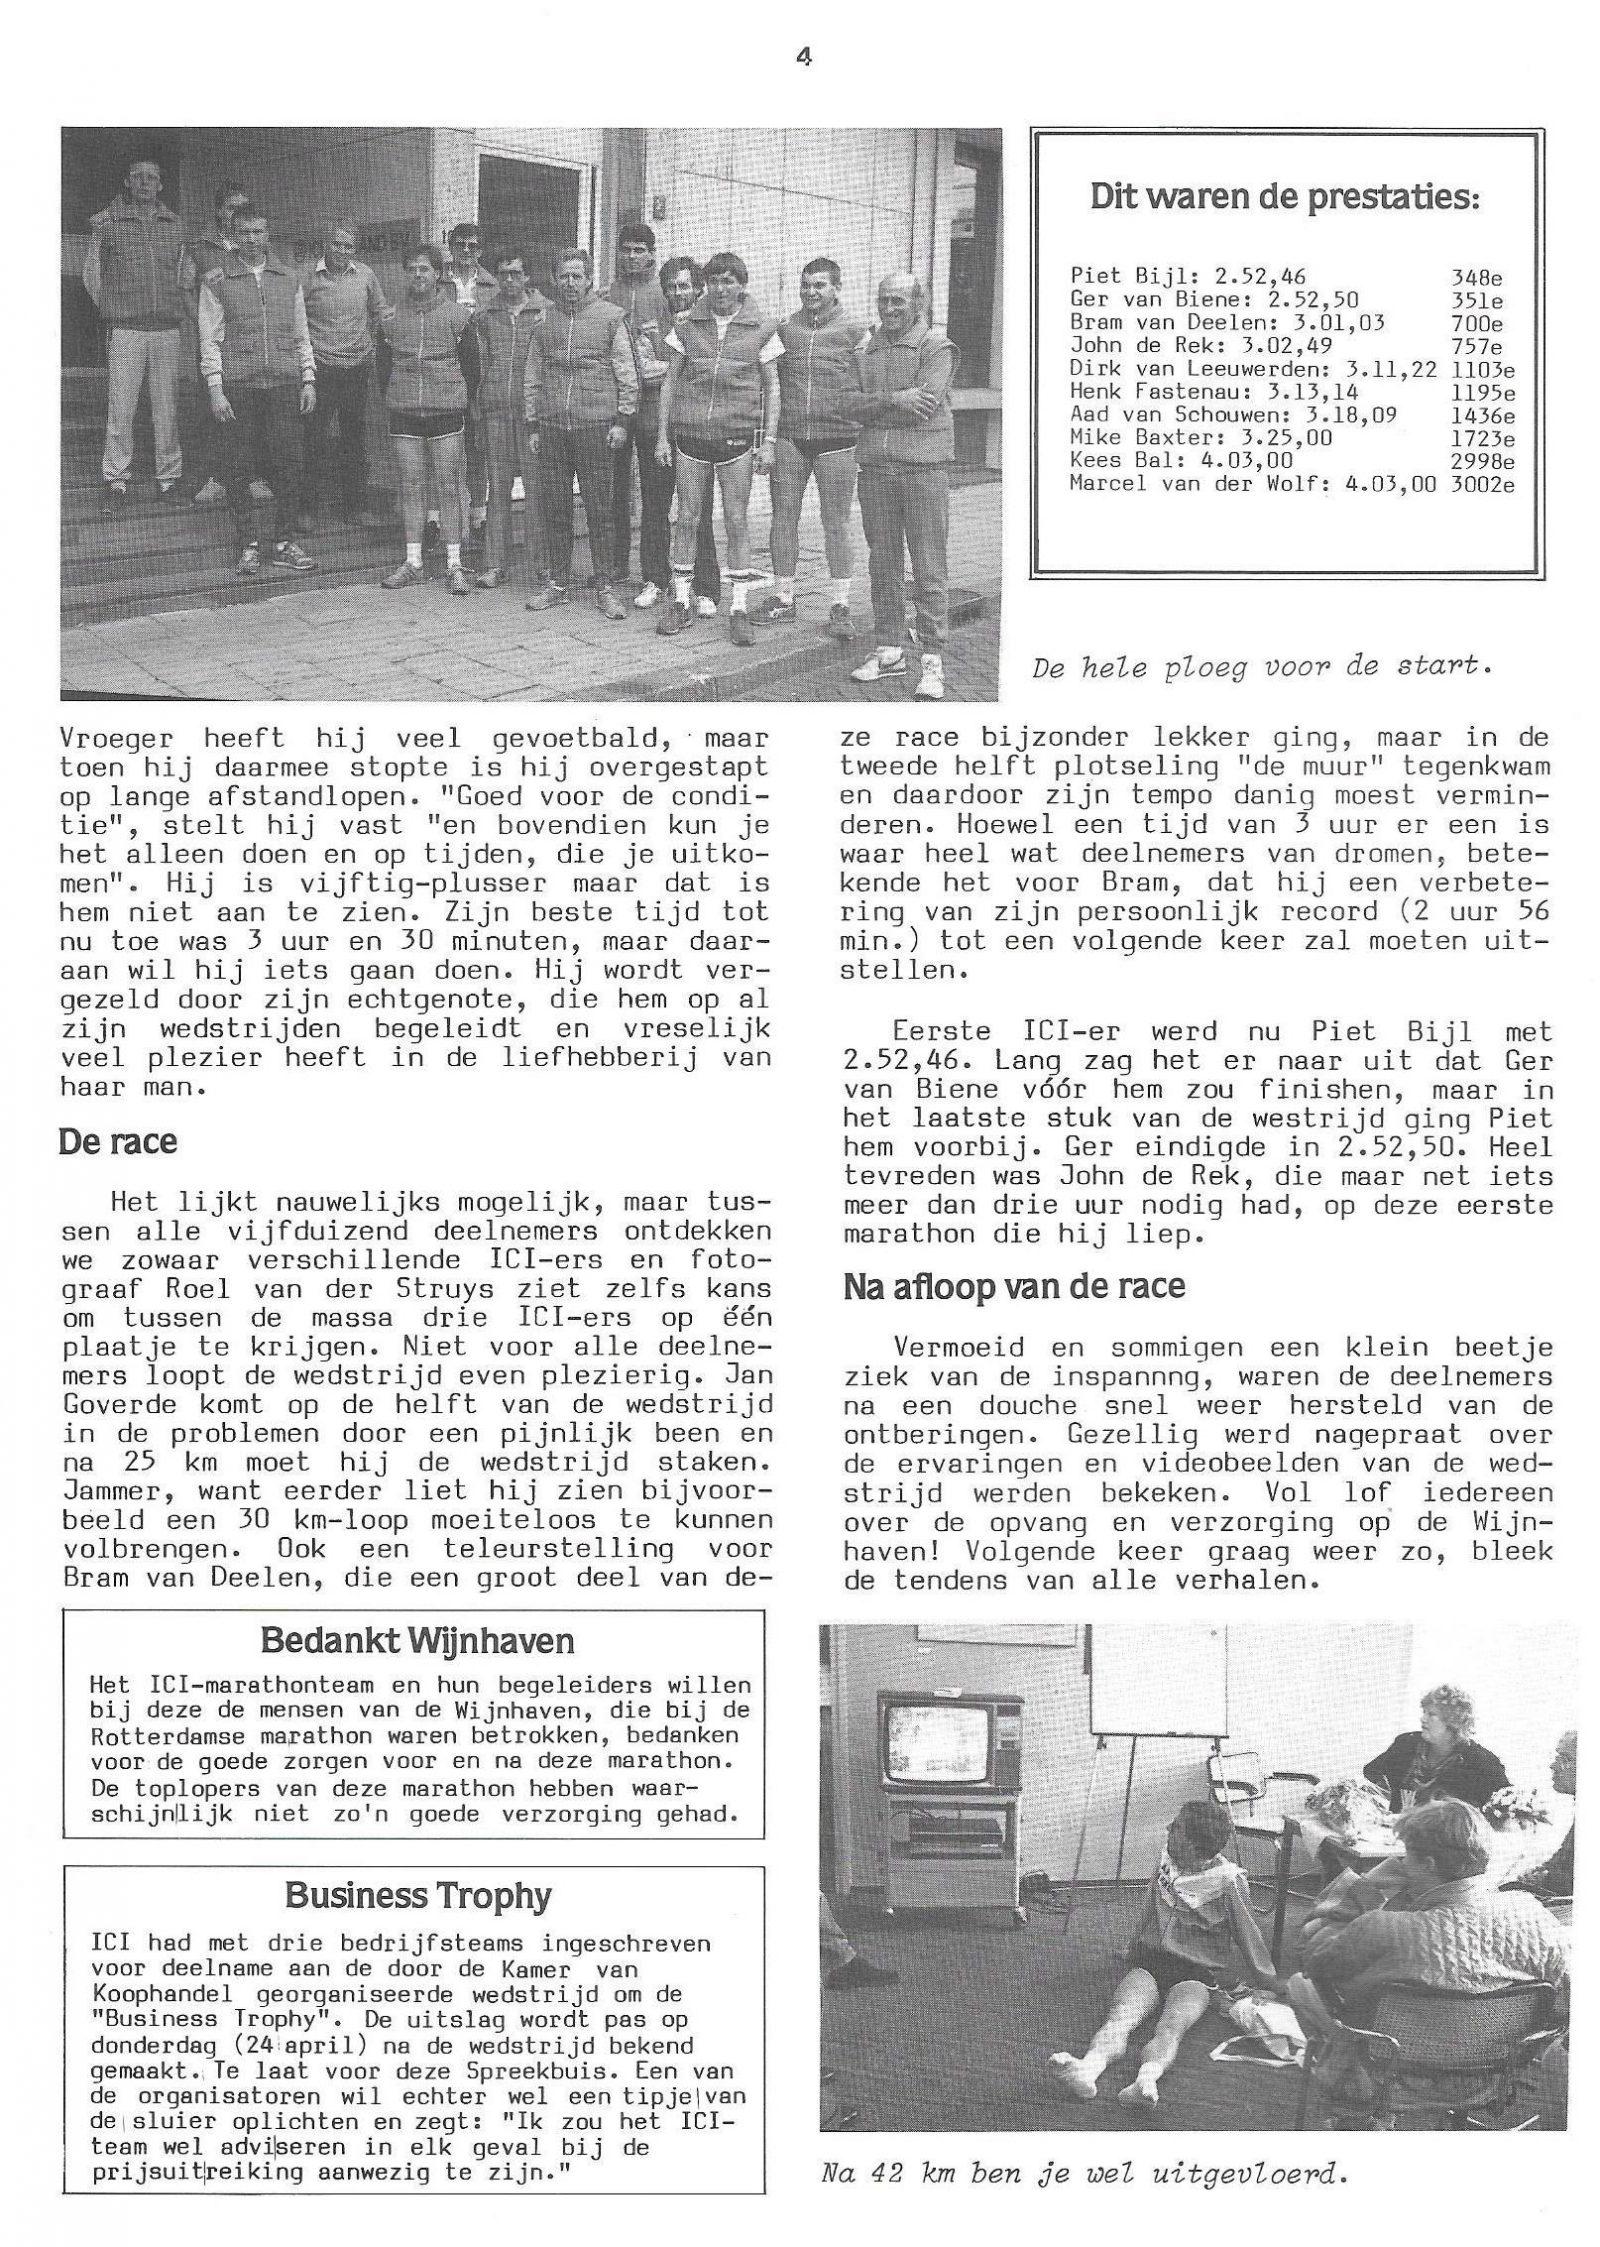 Spreekbuis apr 1986 Wijnhaven als sportcentrum ttv Marathon2